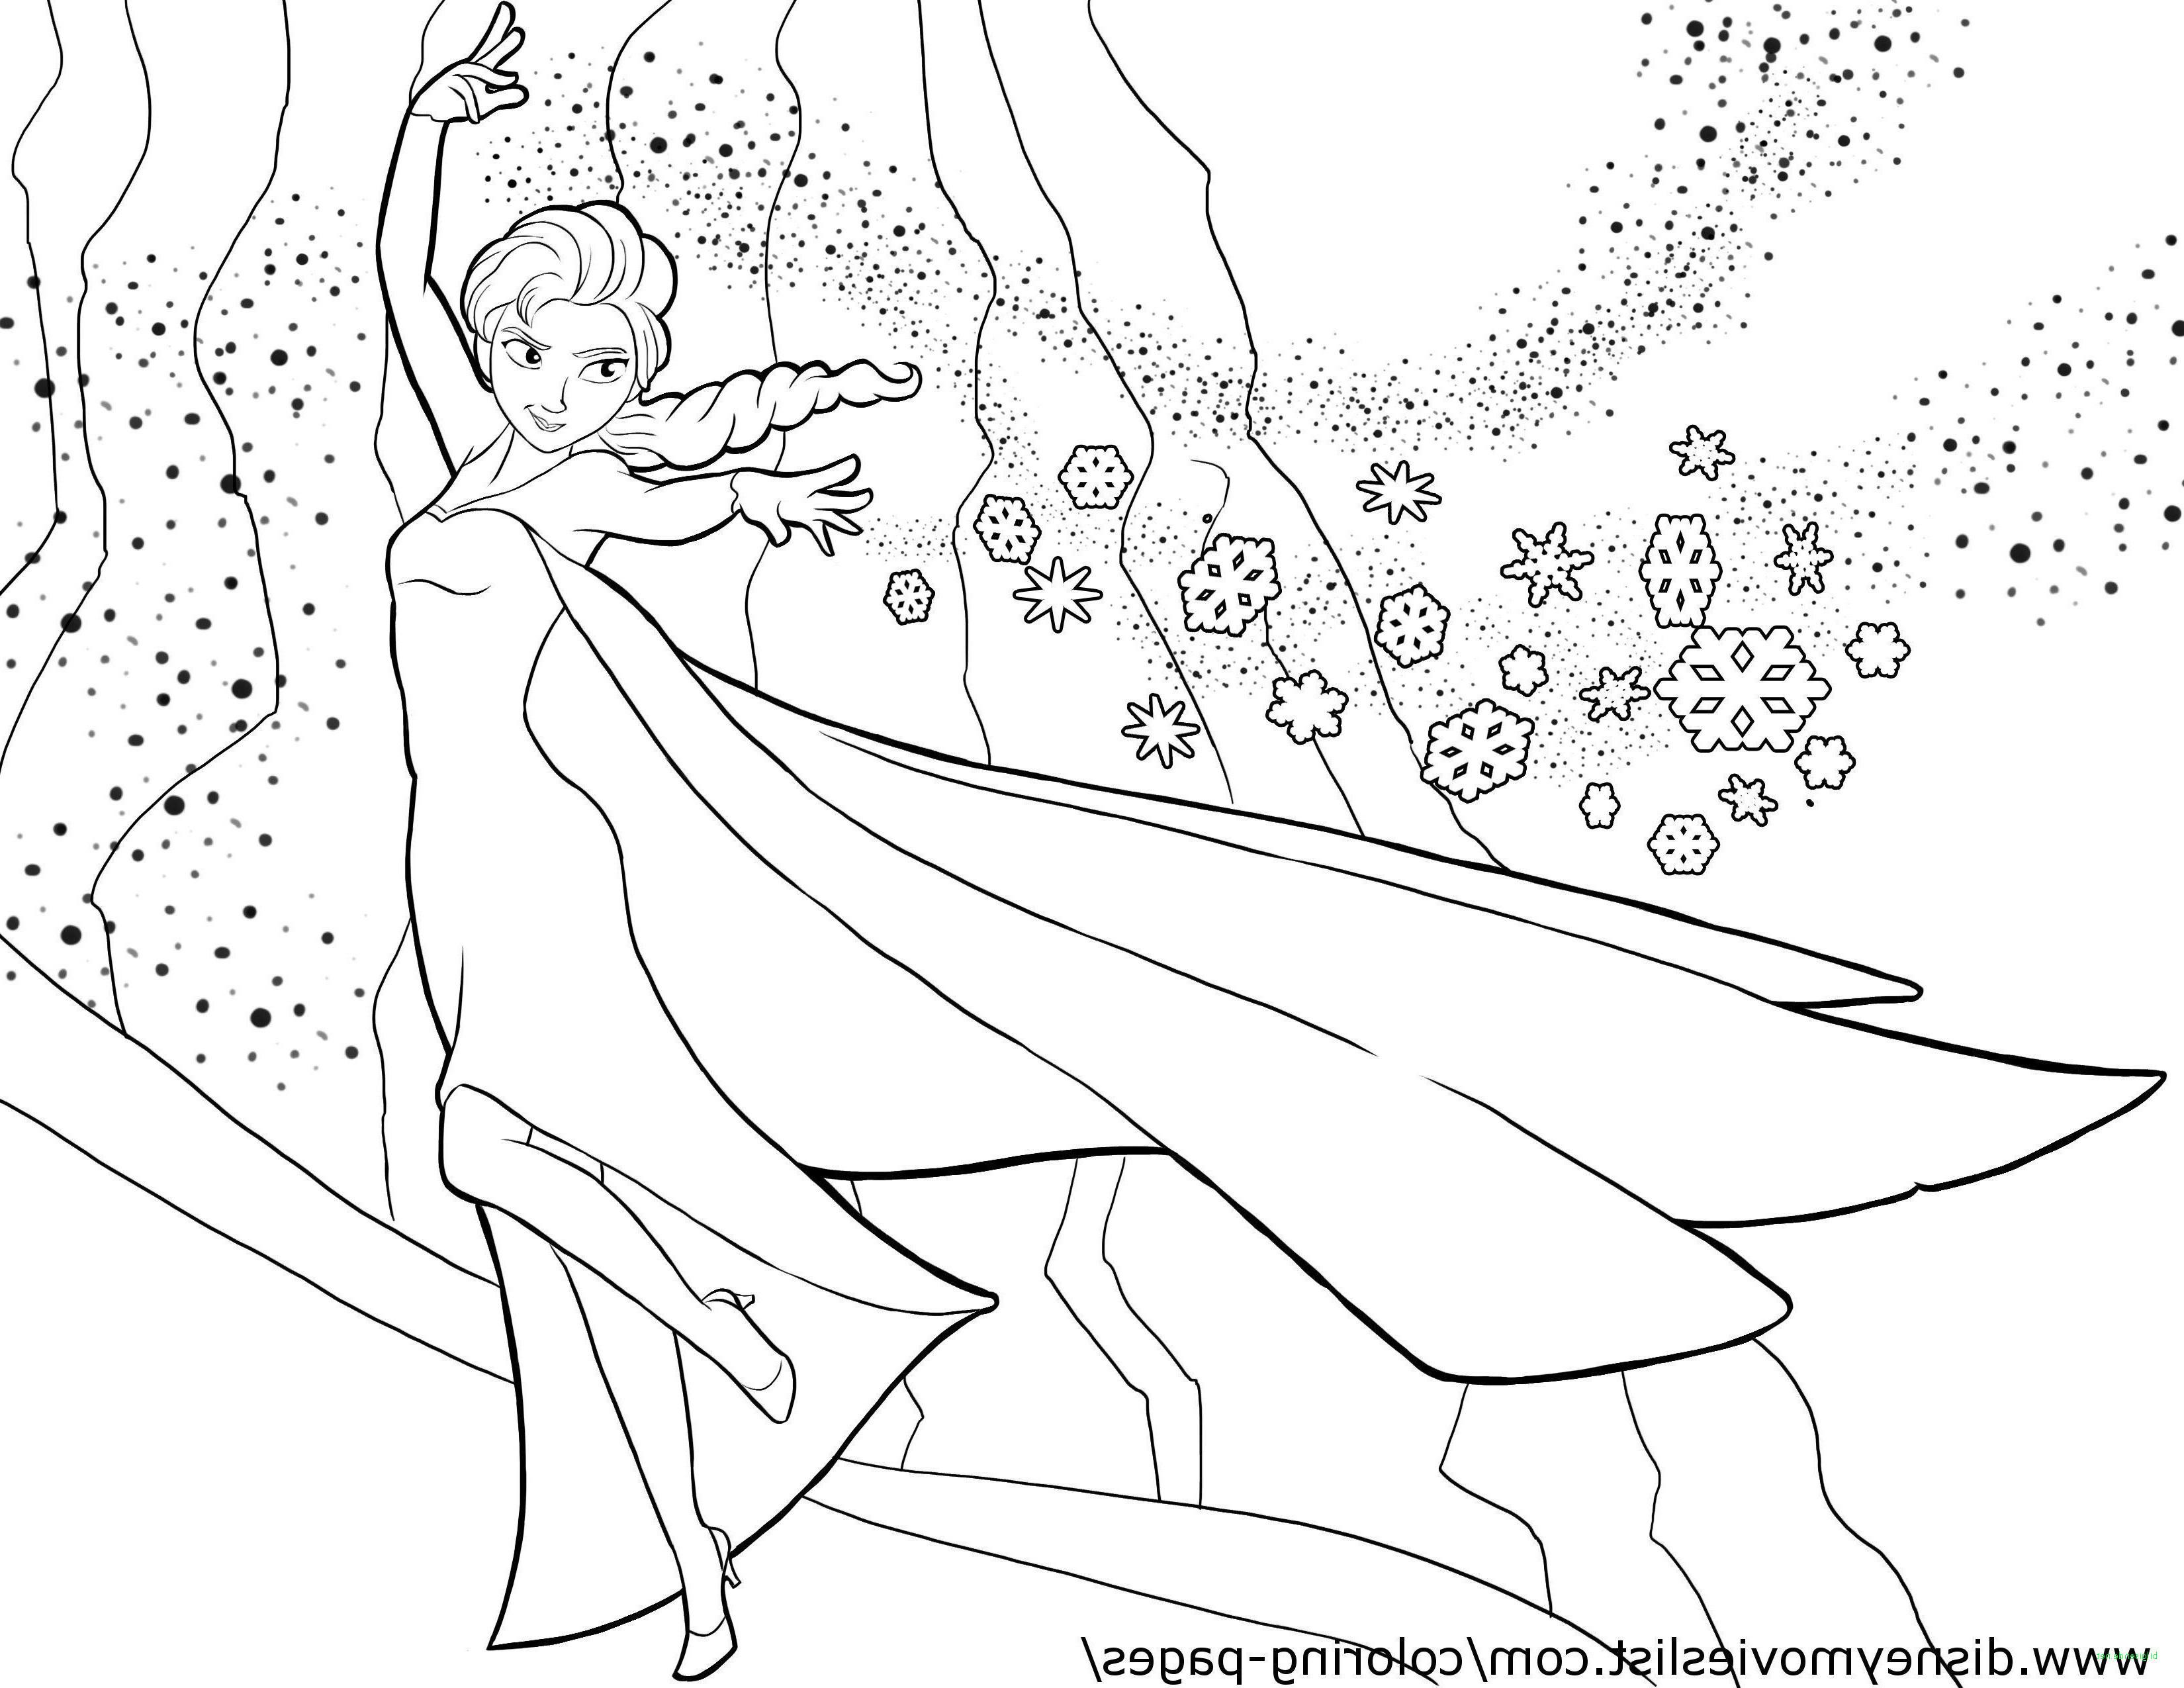 Anna Und Elsa Malvorlagen Genial 45 Elegant Anna Und Elsa Ausmalbilder Zum Ausdrucken Kostenlos Bild